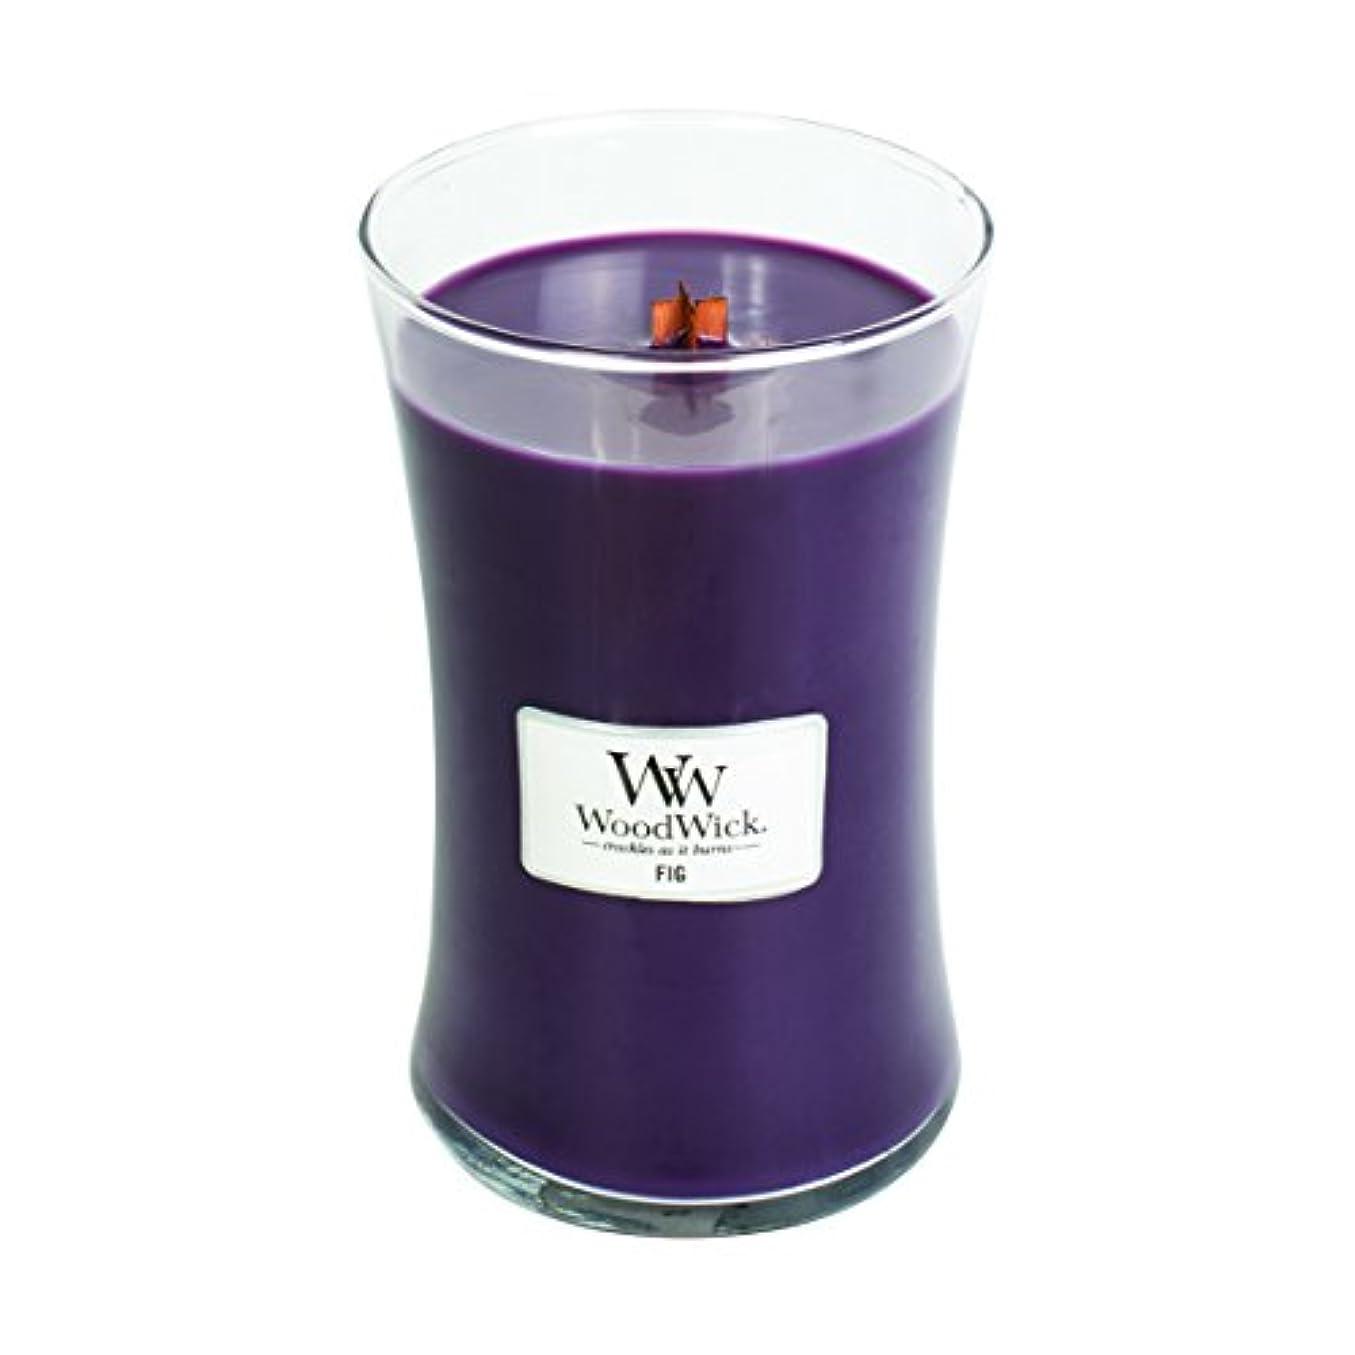 データ小さい倒錯Fig – WoodWick 22oz Medium Jar Candle Burns 180時間